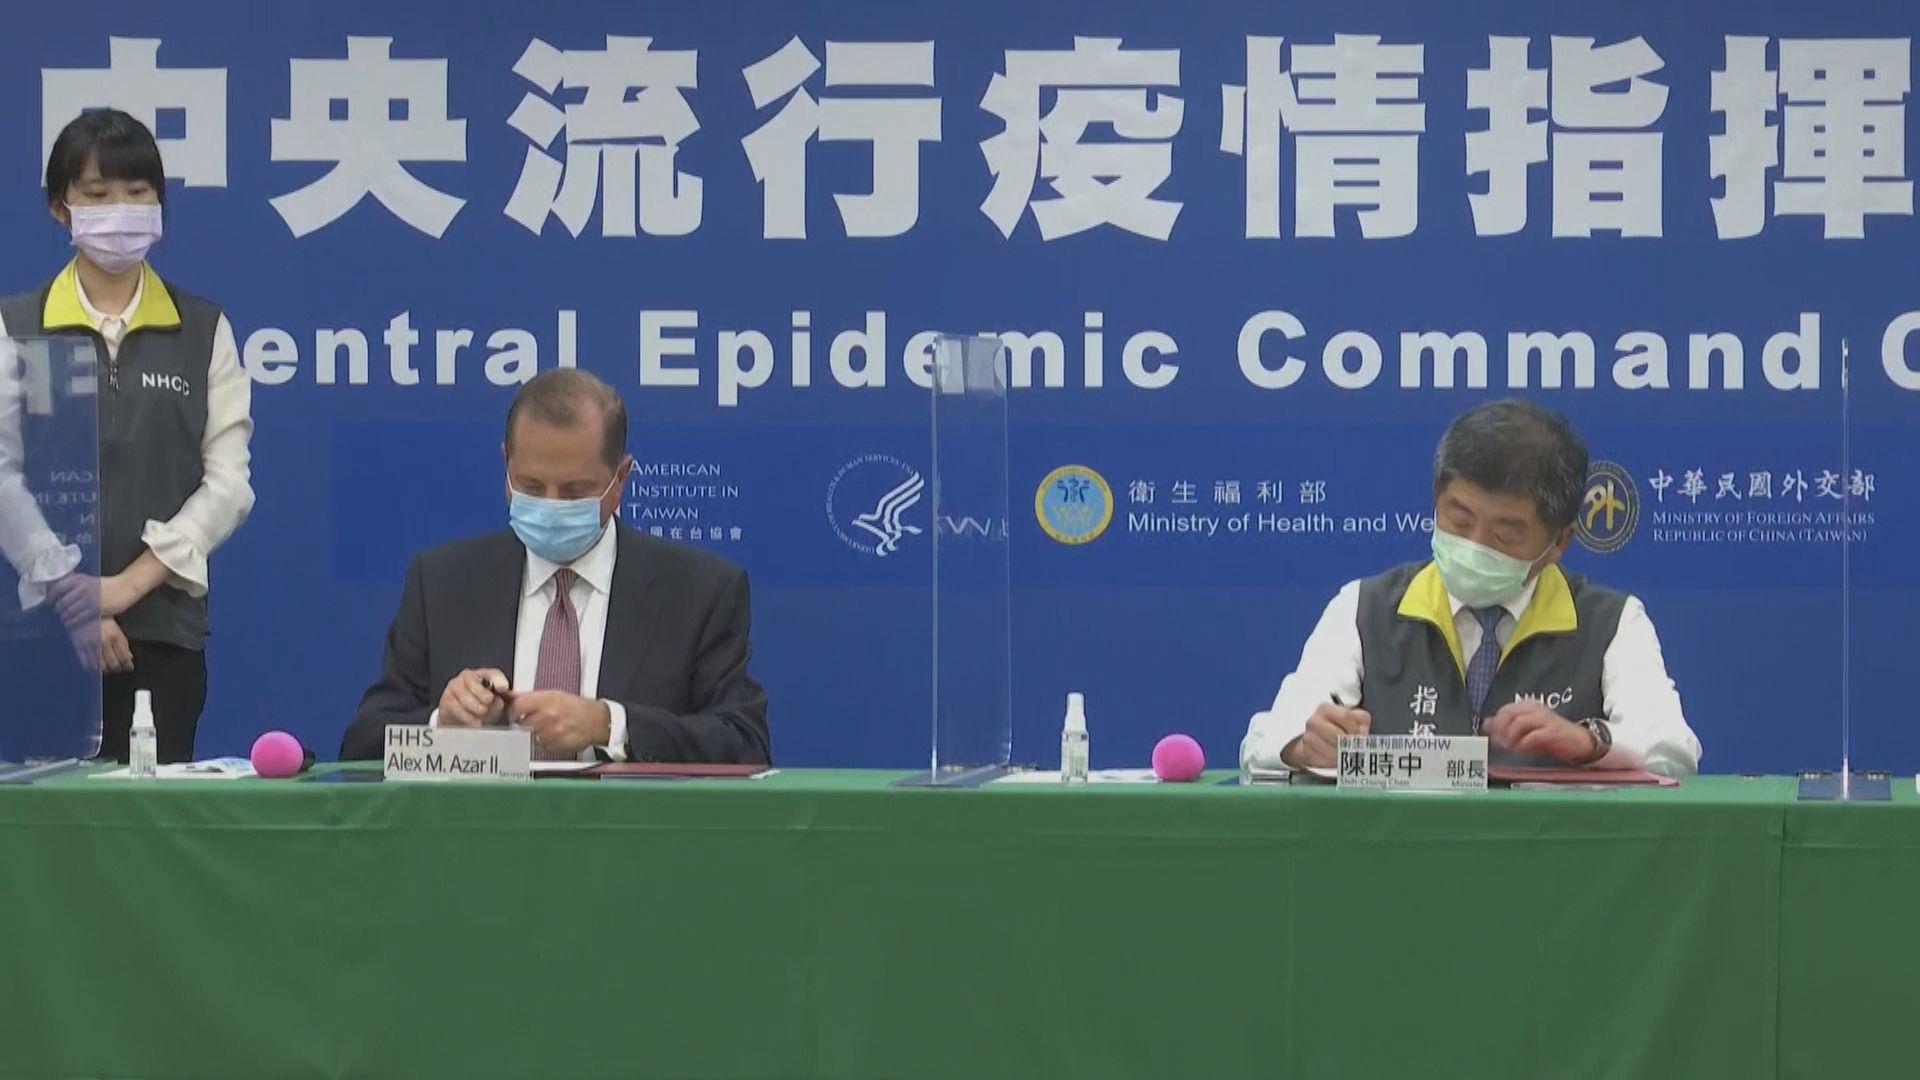 台美衞生部門簽合作備忘錄 北京堅決反對美台官方往來